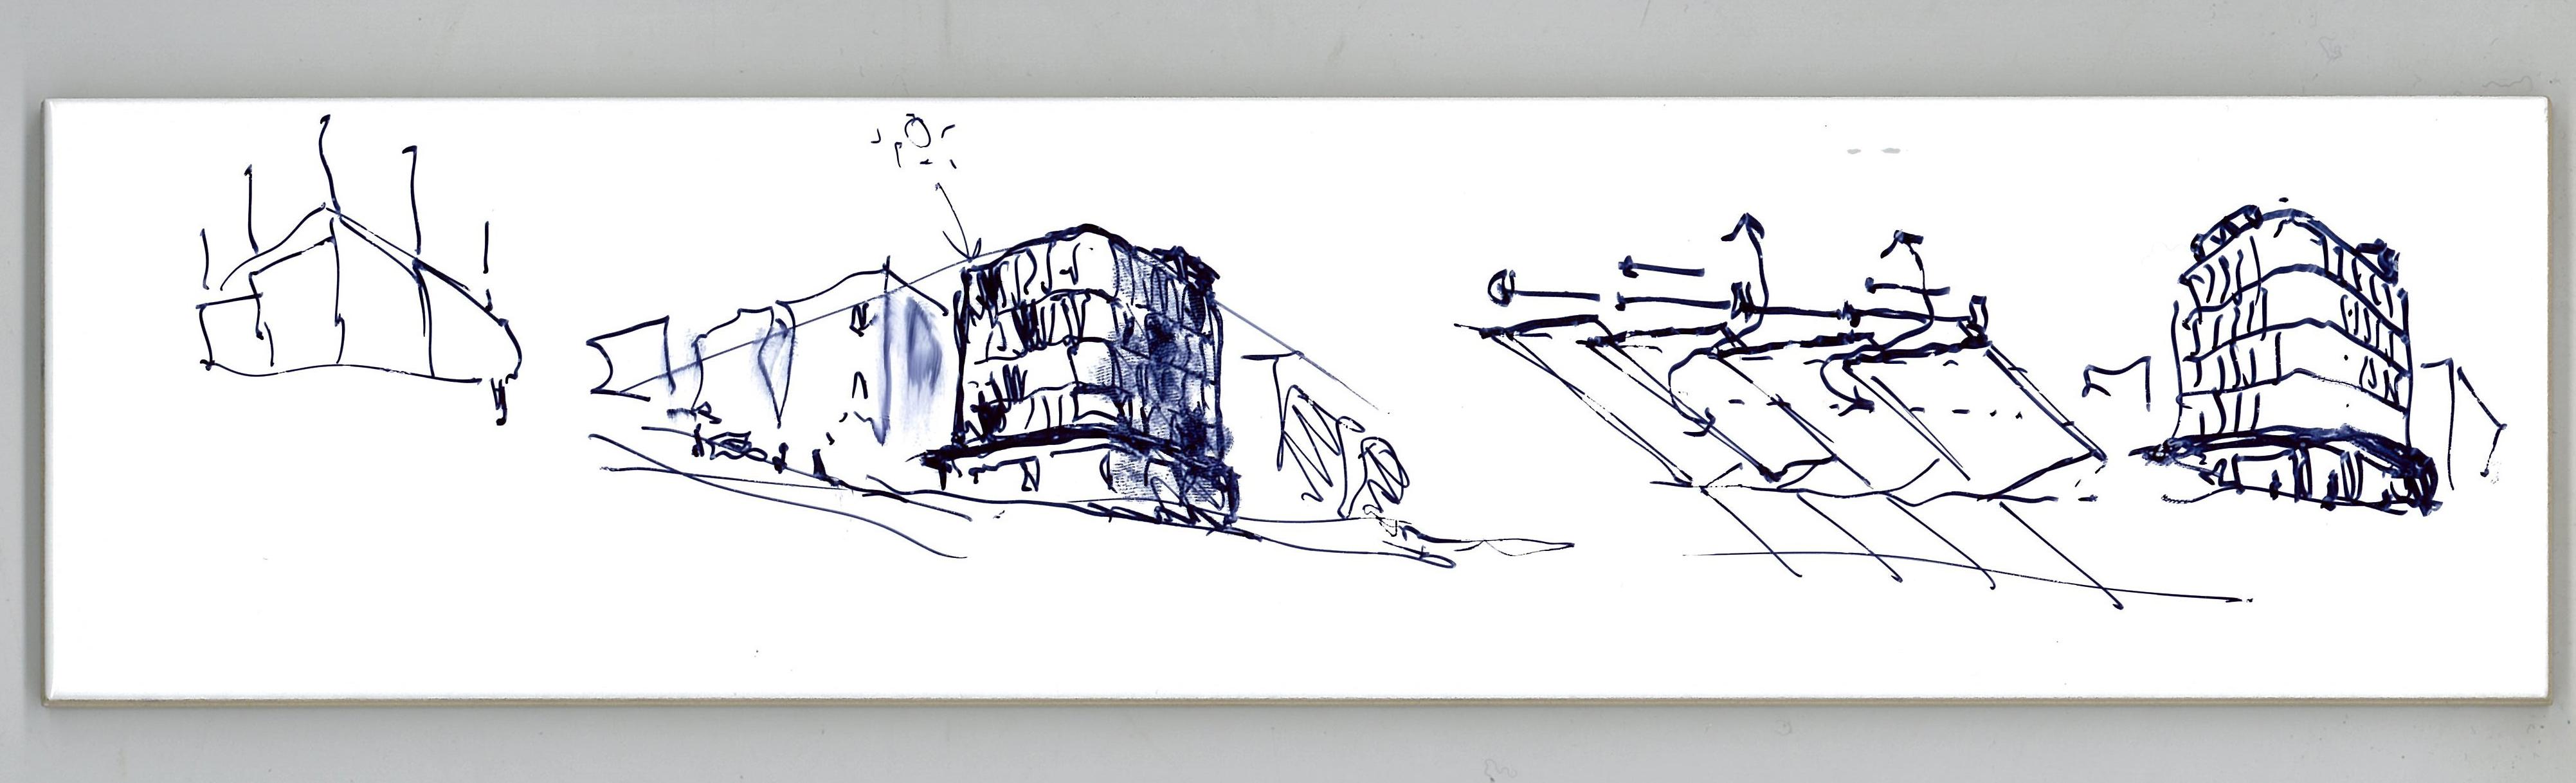 스케치.jpg